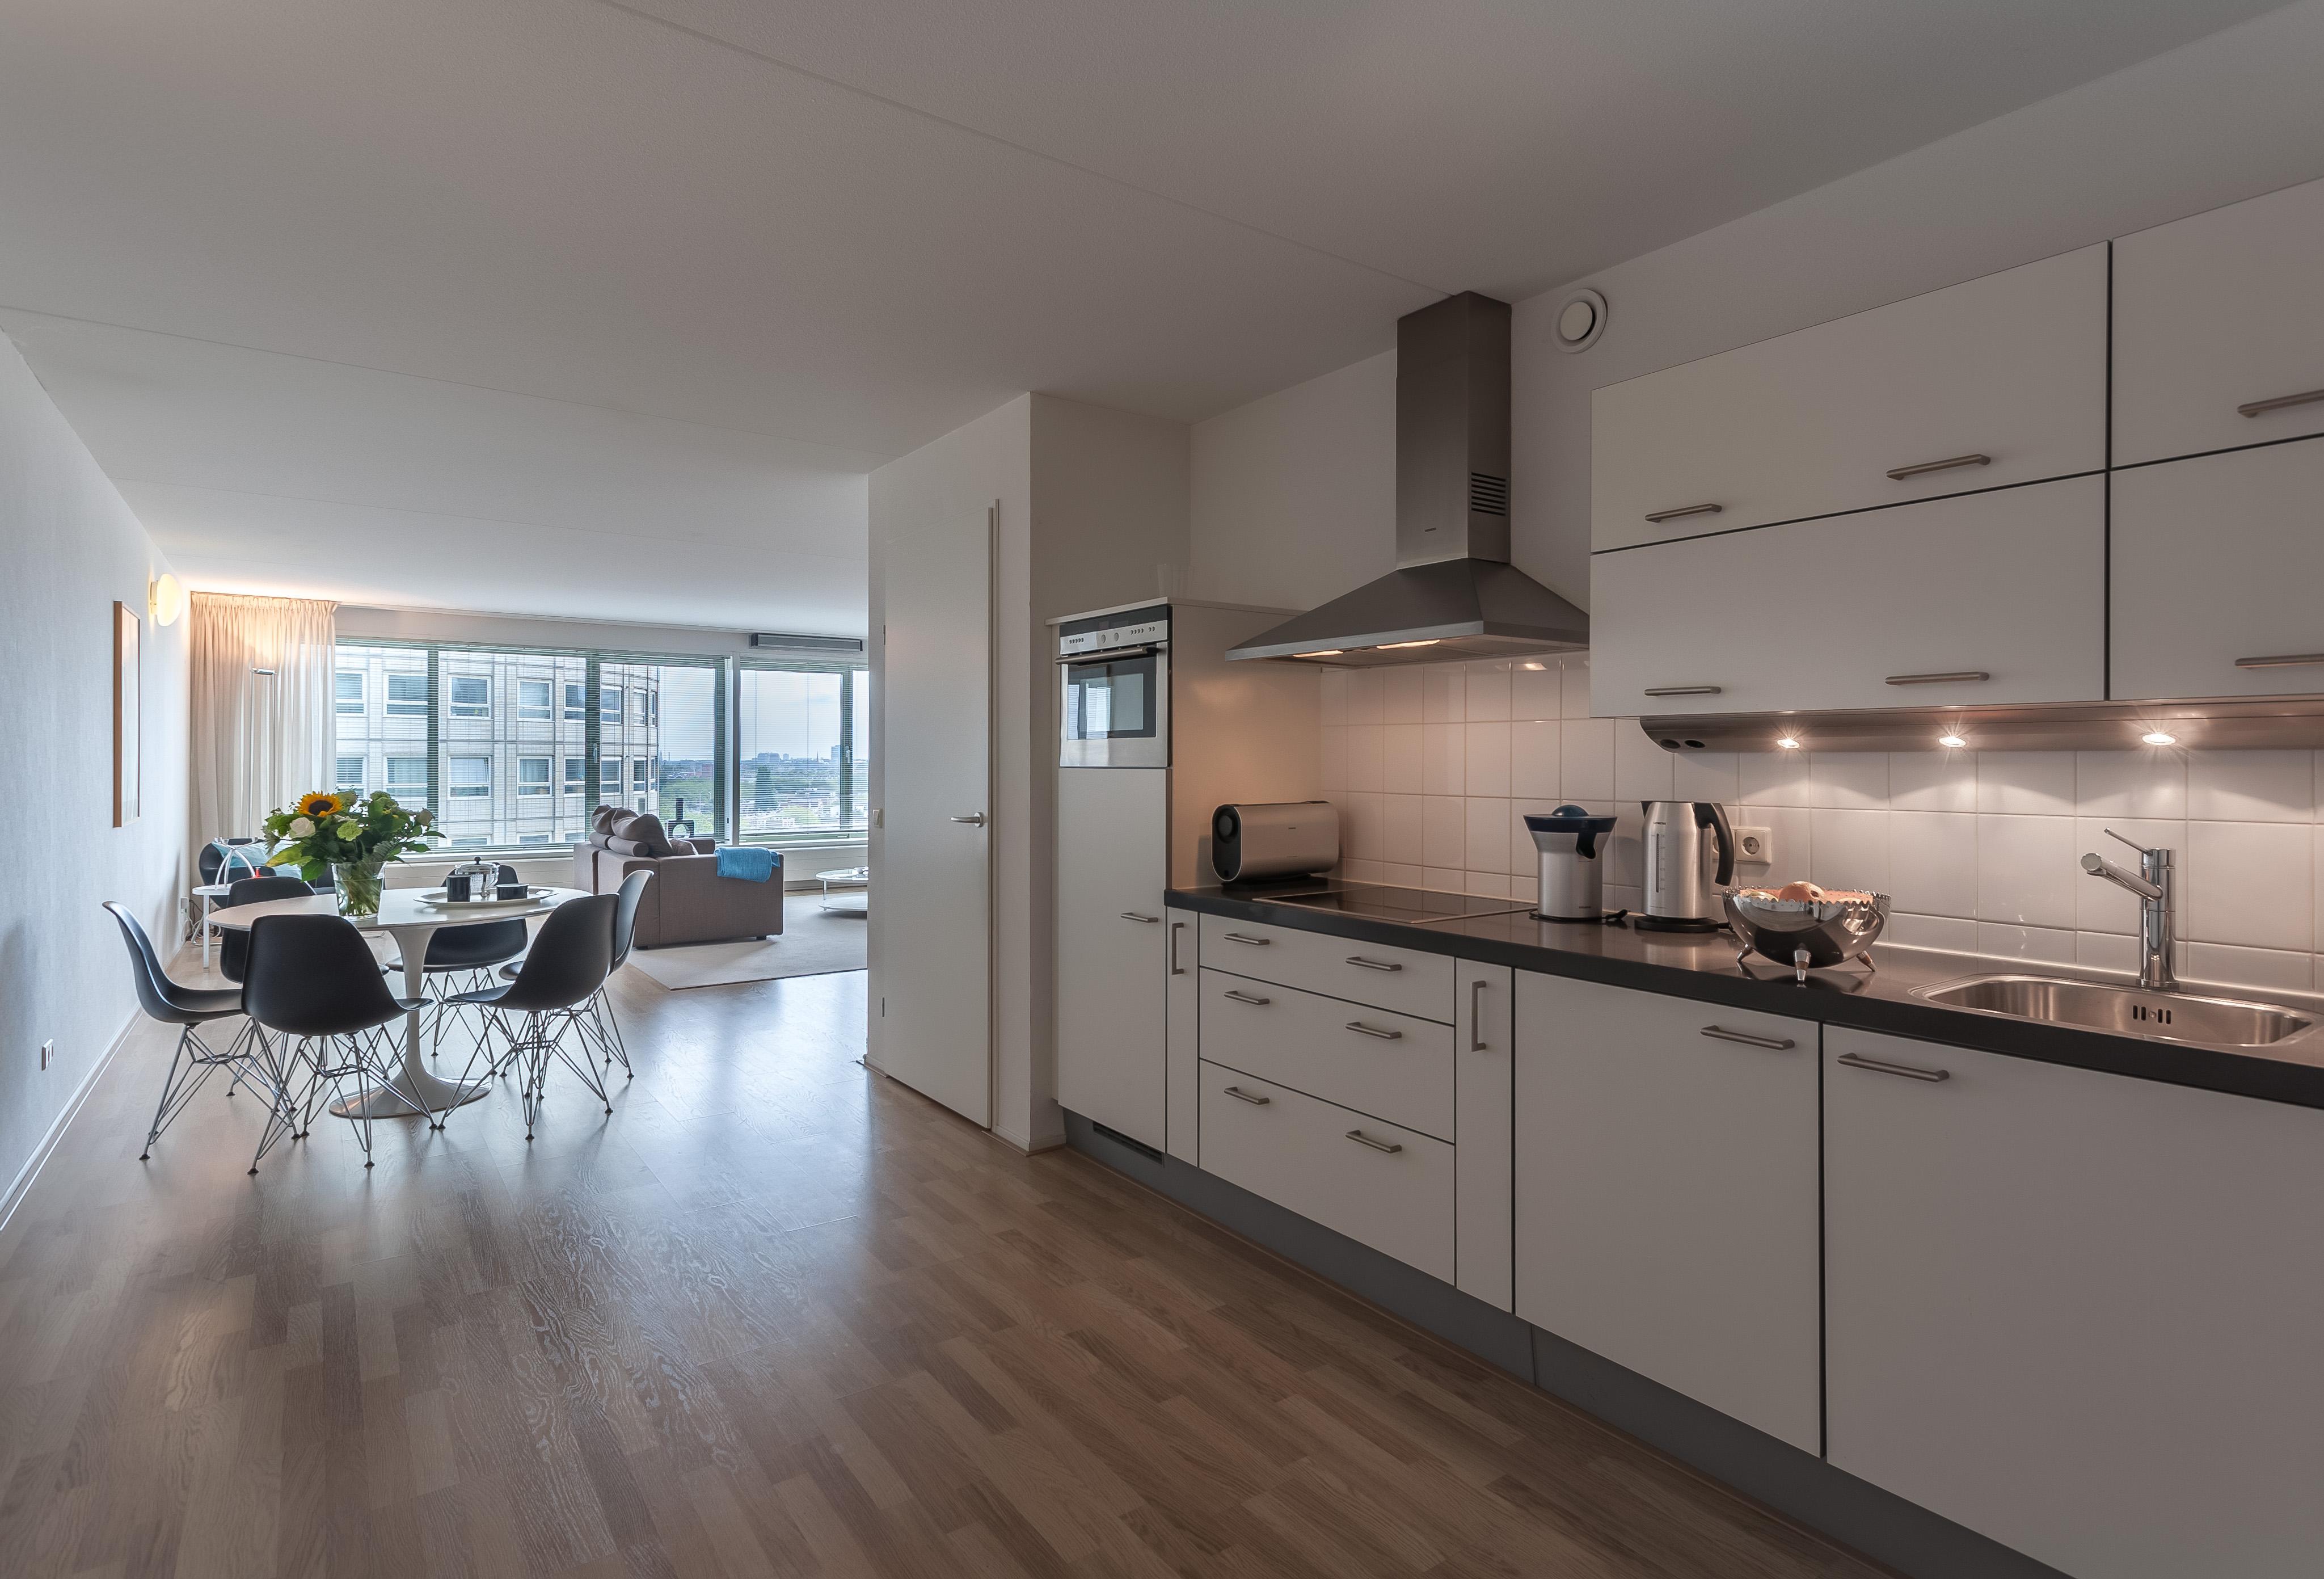 apartments for rent the-hague la fenetre kitchen